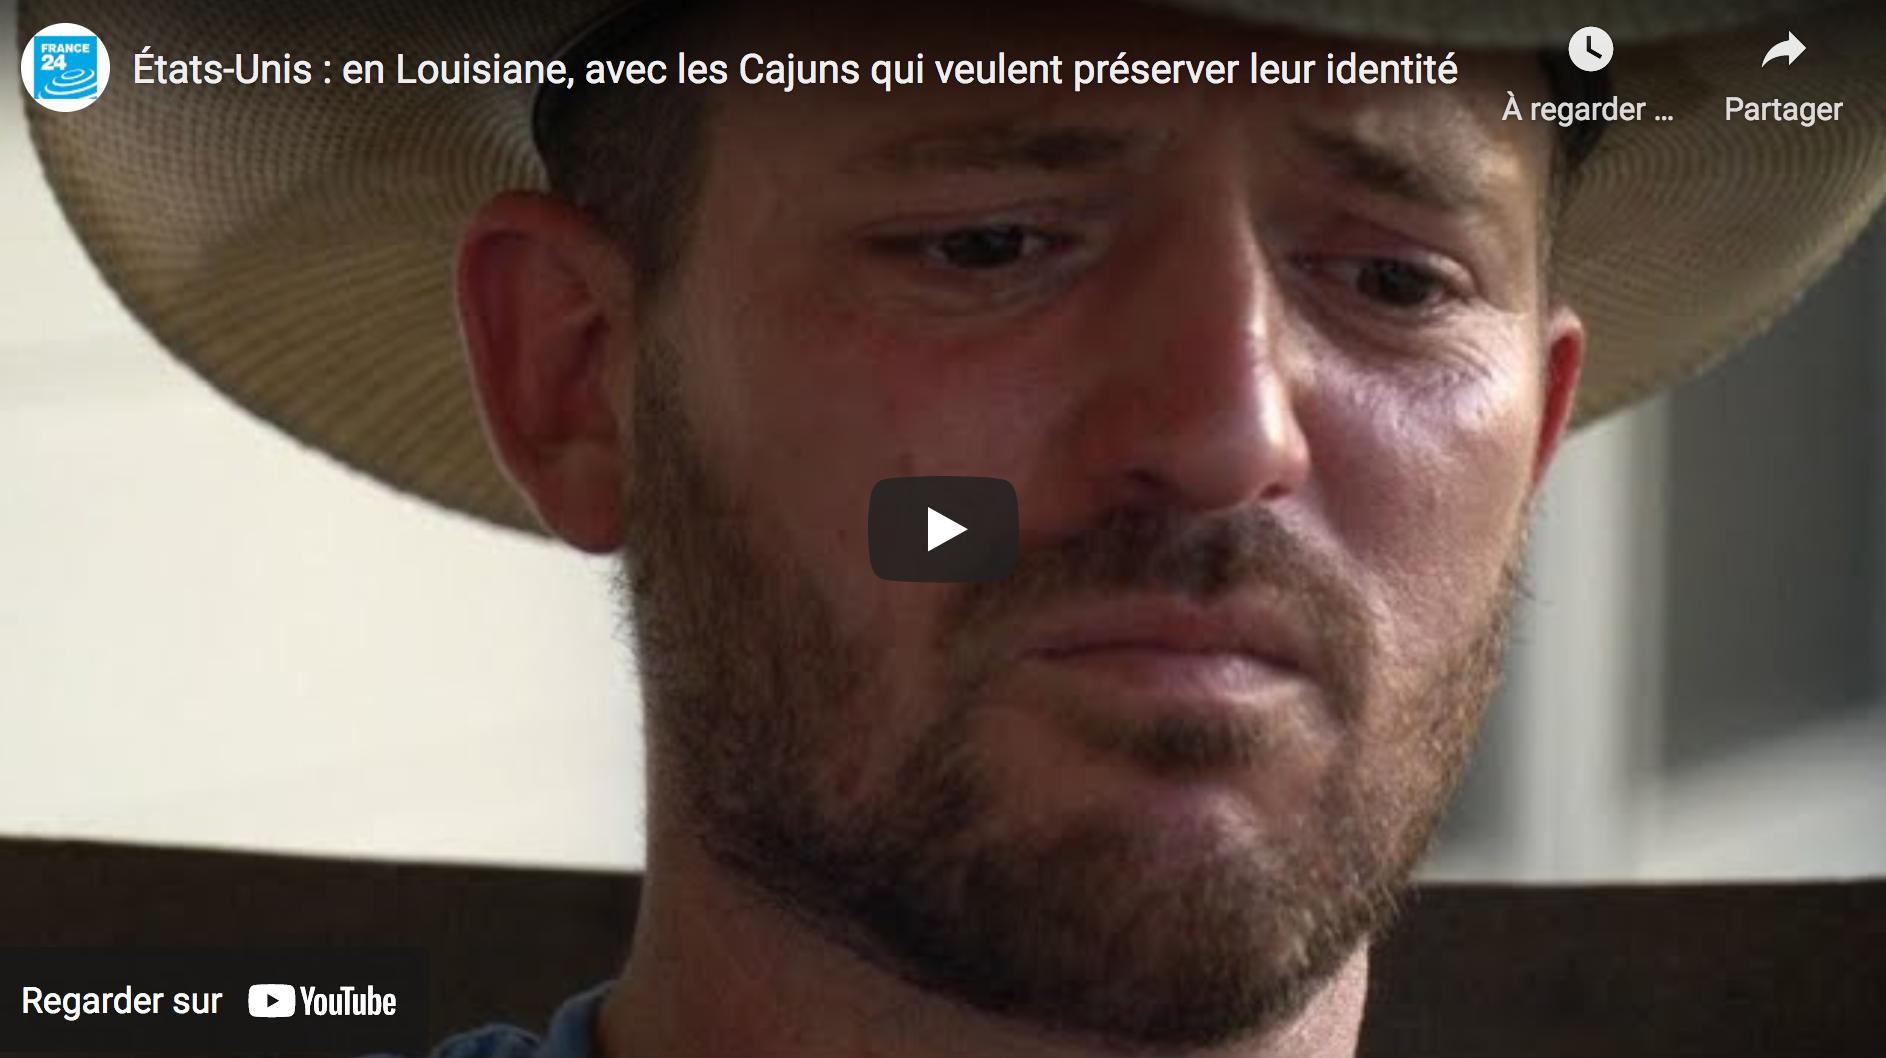 États-Unis : en Louisiane, avec les Cajuns qui veulent préserver leur identité